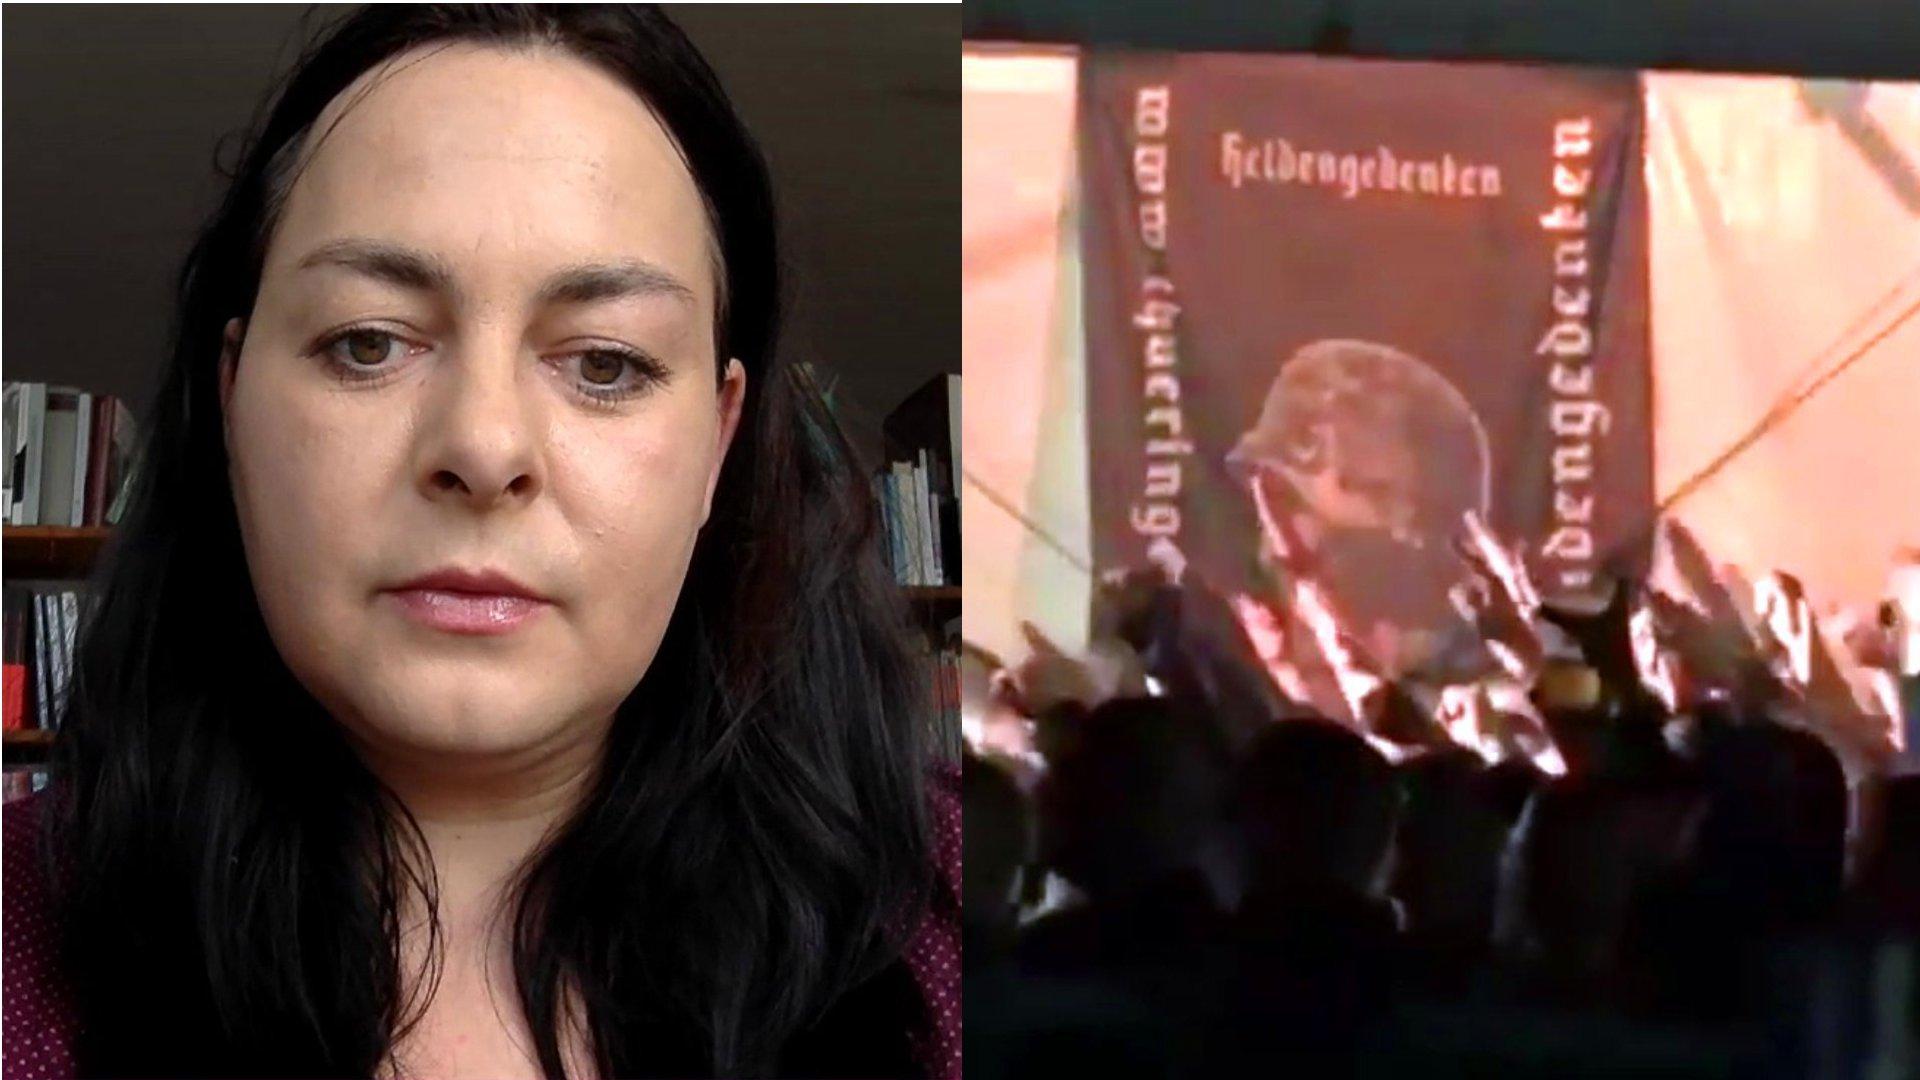 Interview mit Katharina König-Preuss (DIE LINKE) zum Neonazi-Festival in Themar (Thüringen), dbate 2017